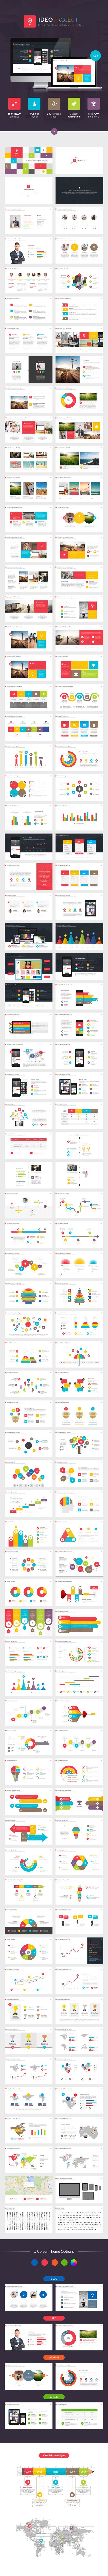 Ideo Keynote Presentation